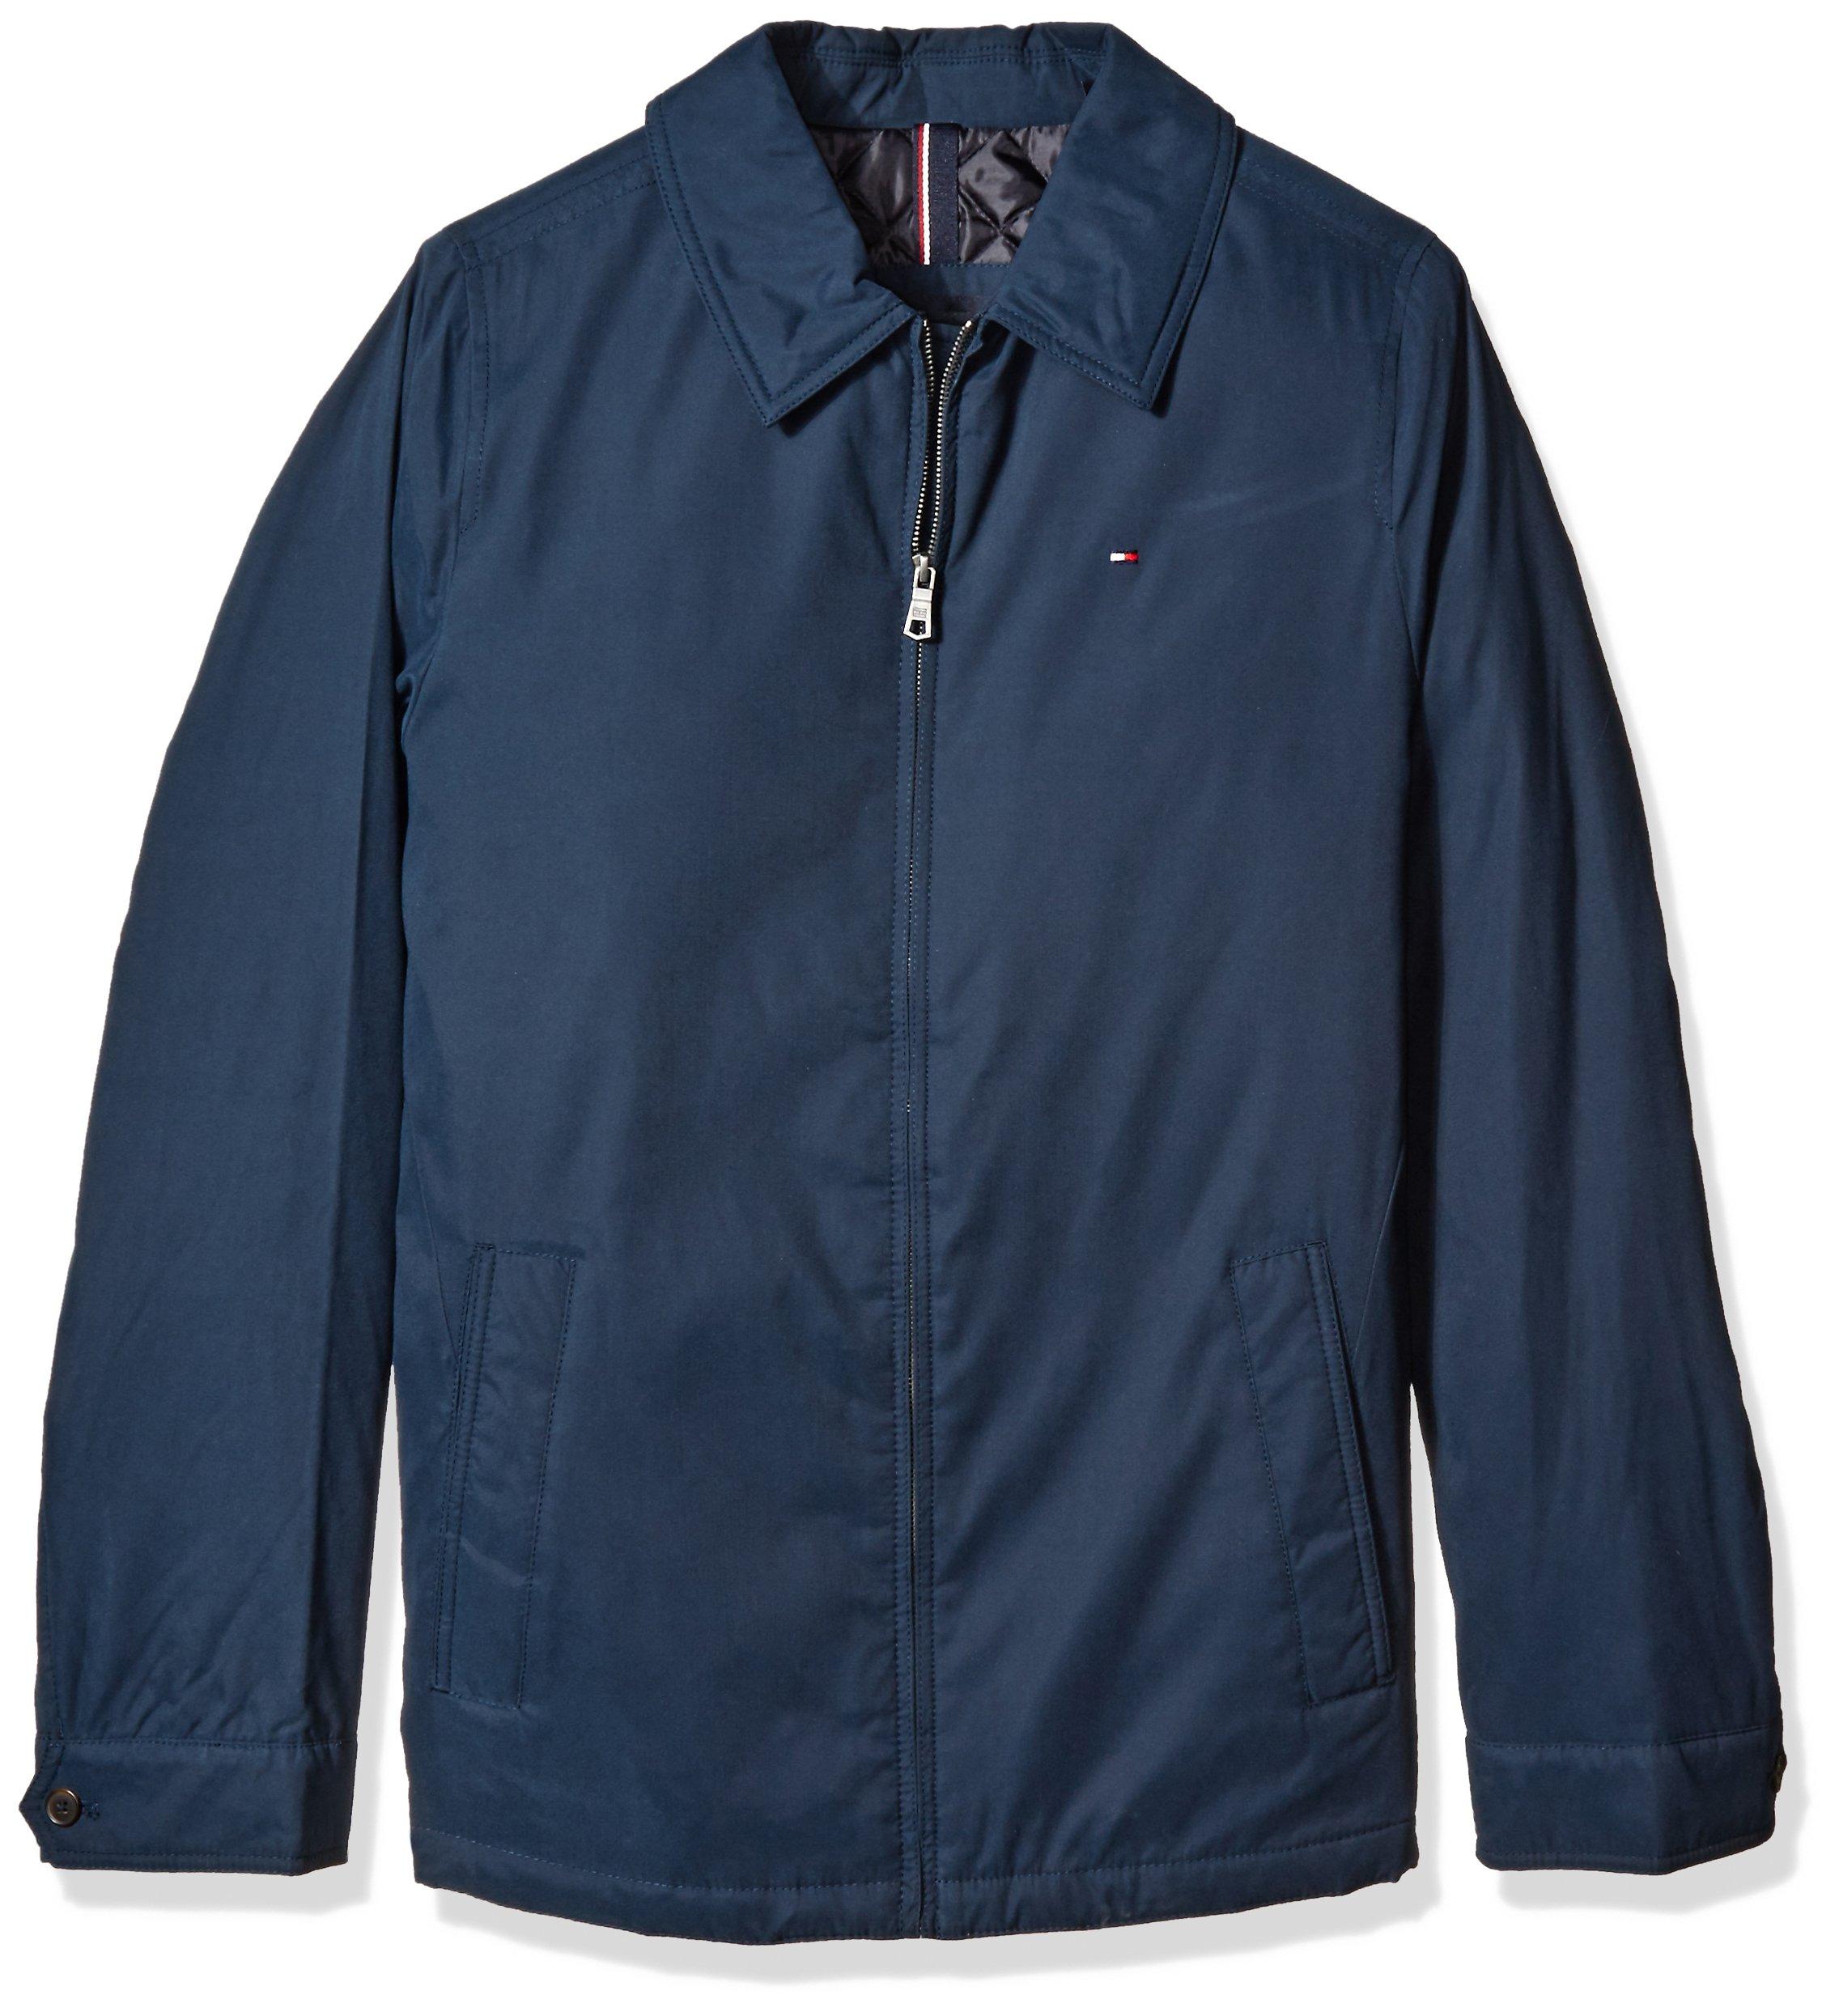 Tommy Hilfiger Men's Tall Size Micro Twill Laydown Collar Golf Jacket, Navy, XL Long/TA